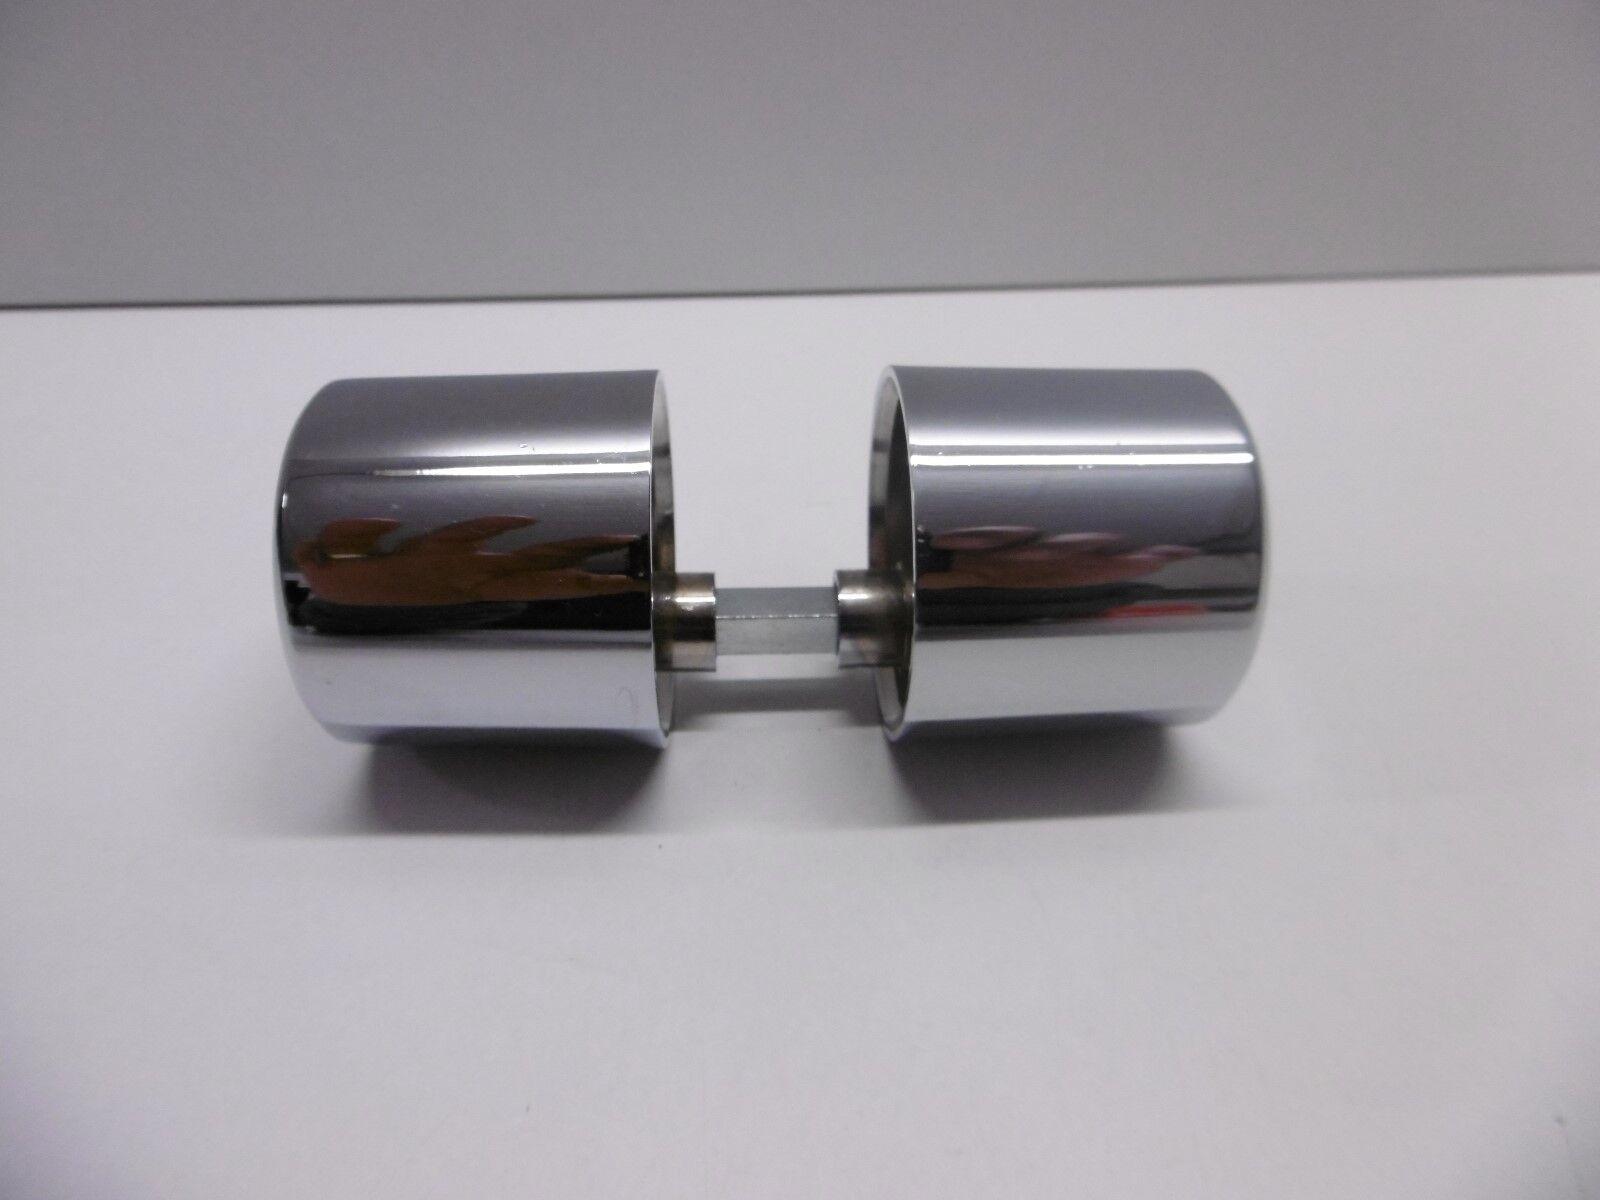 Poignée bouton pour serrure LAGUNE porte en verre clarit STEMBLER